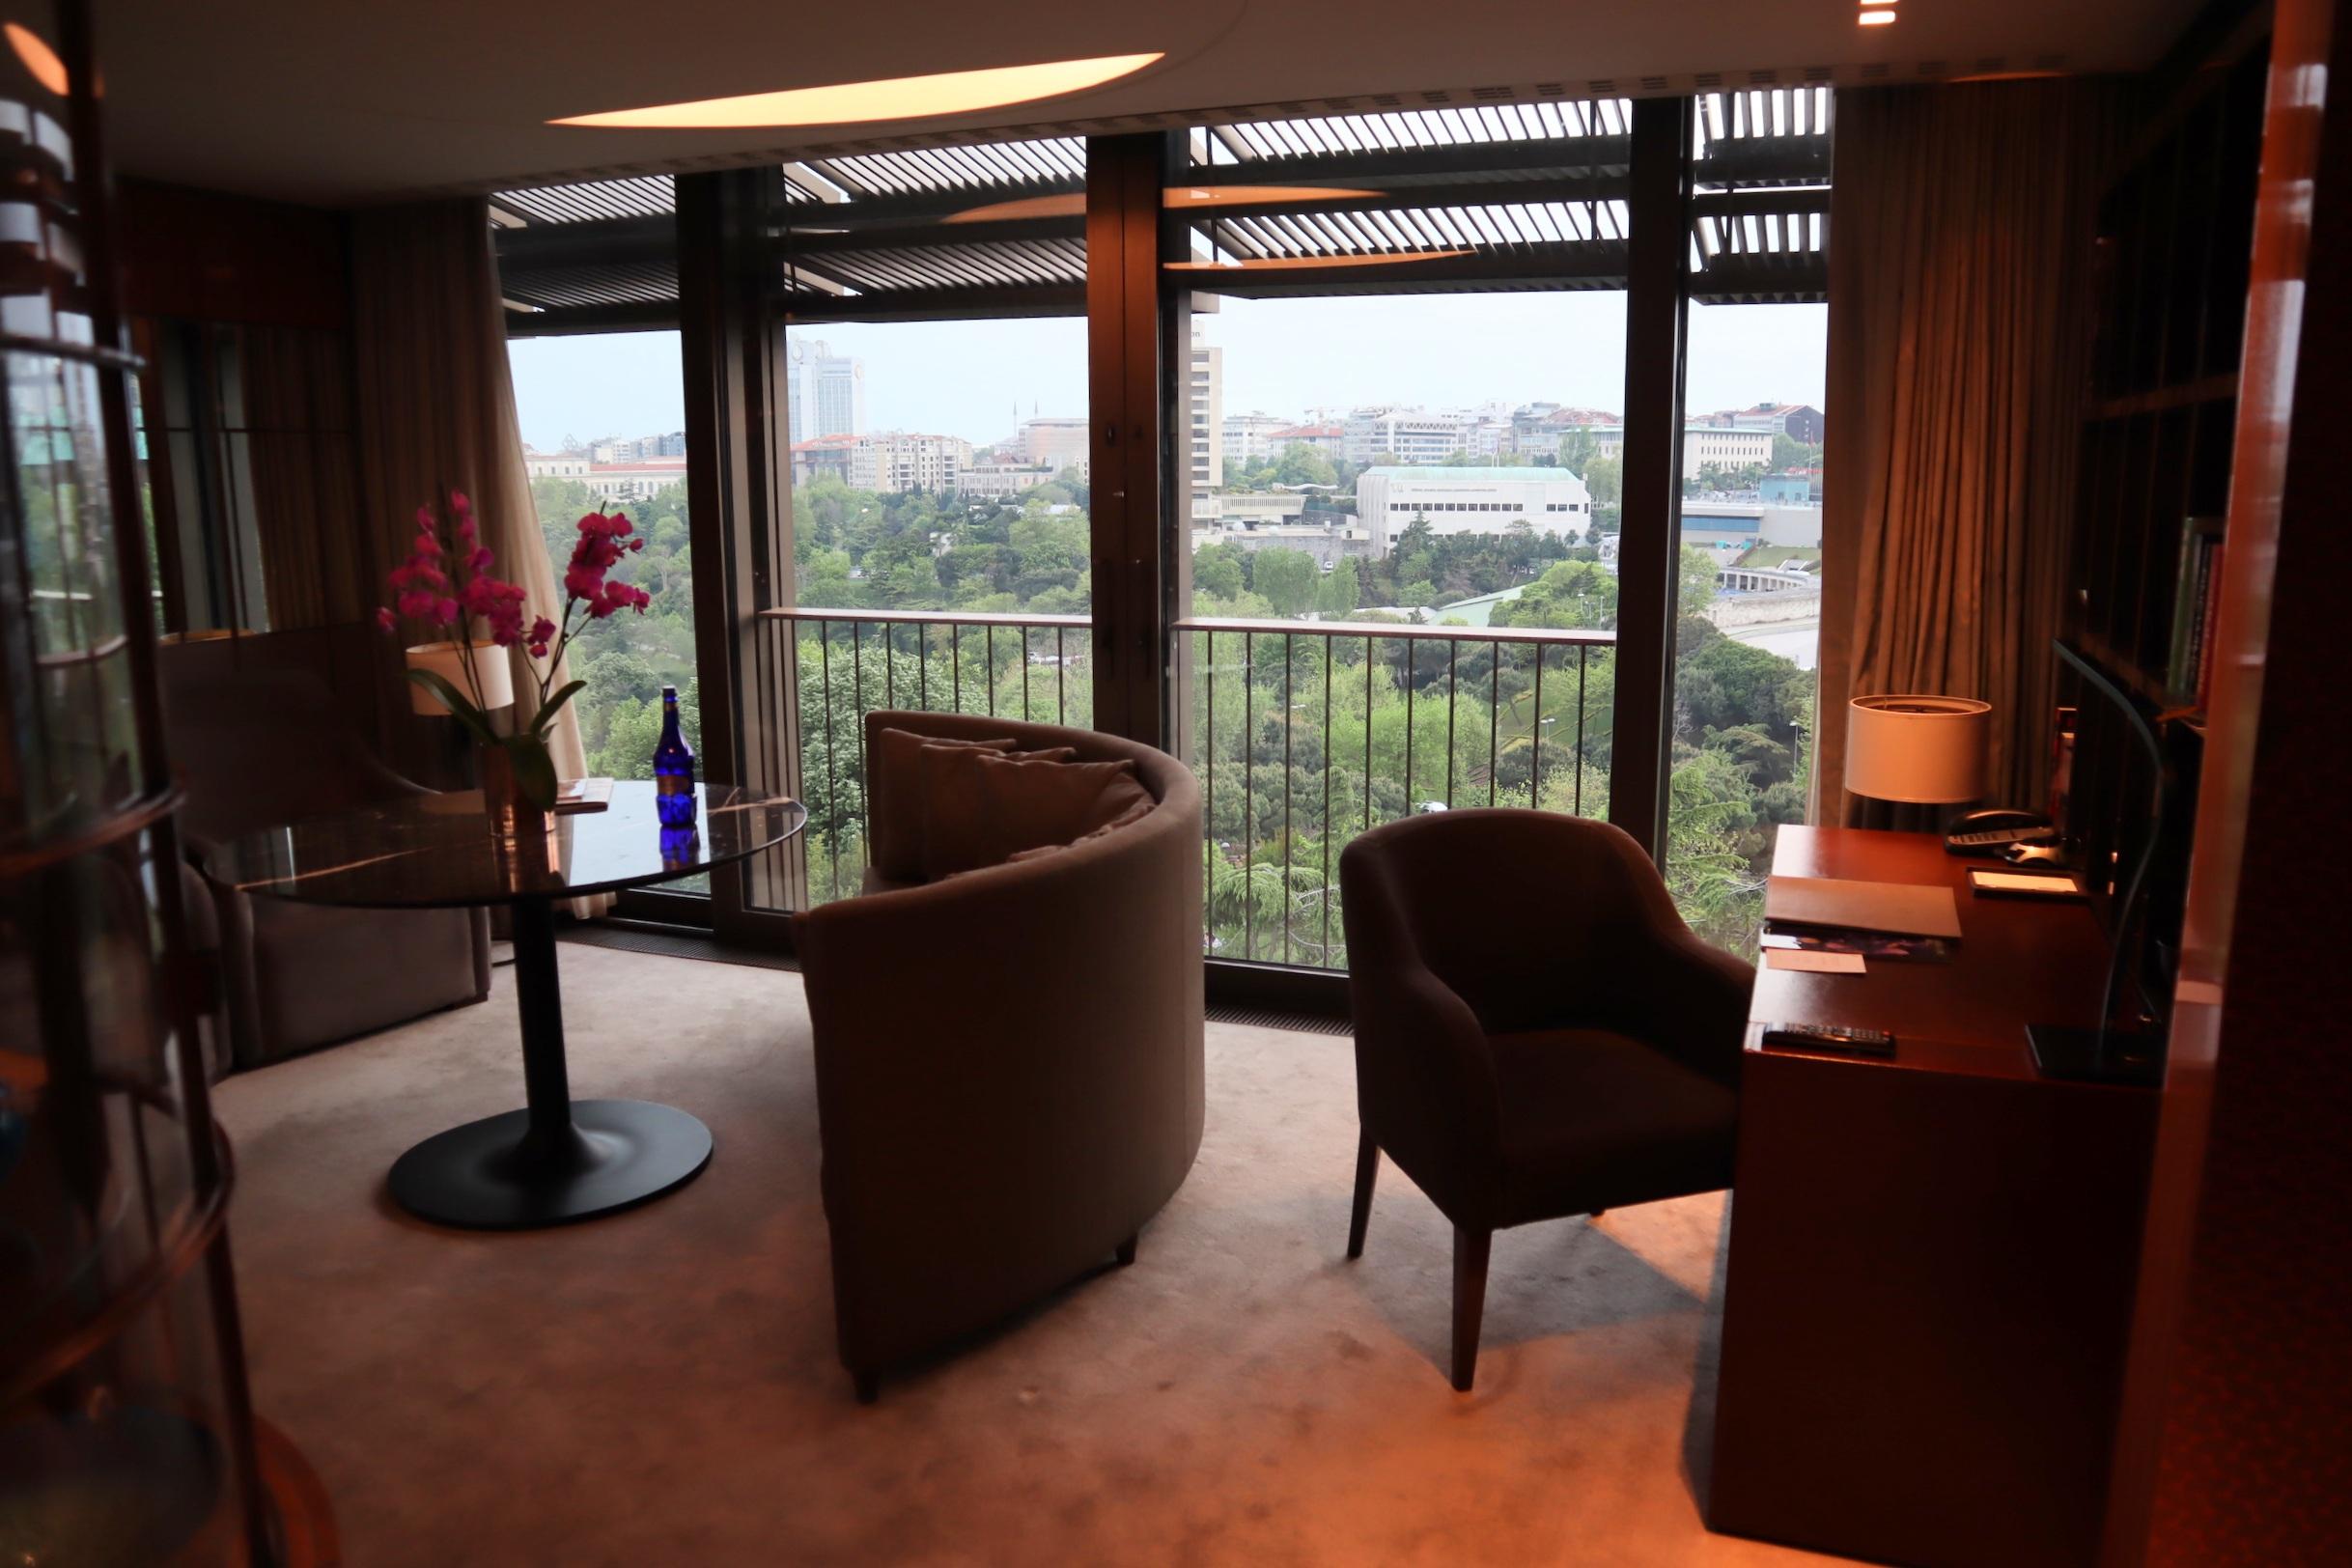 St. Regis Istanbul – St. Regis Suite living area